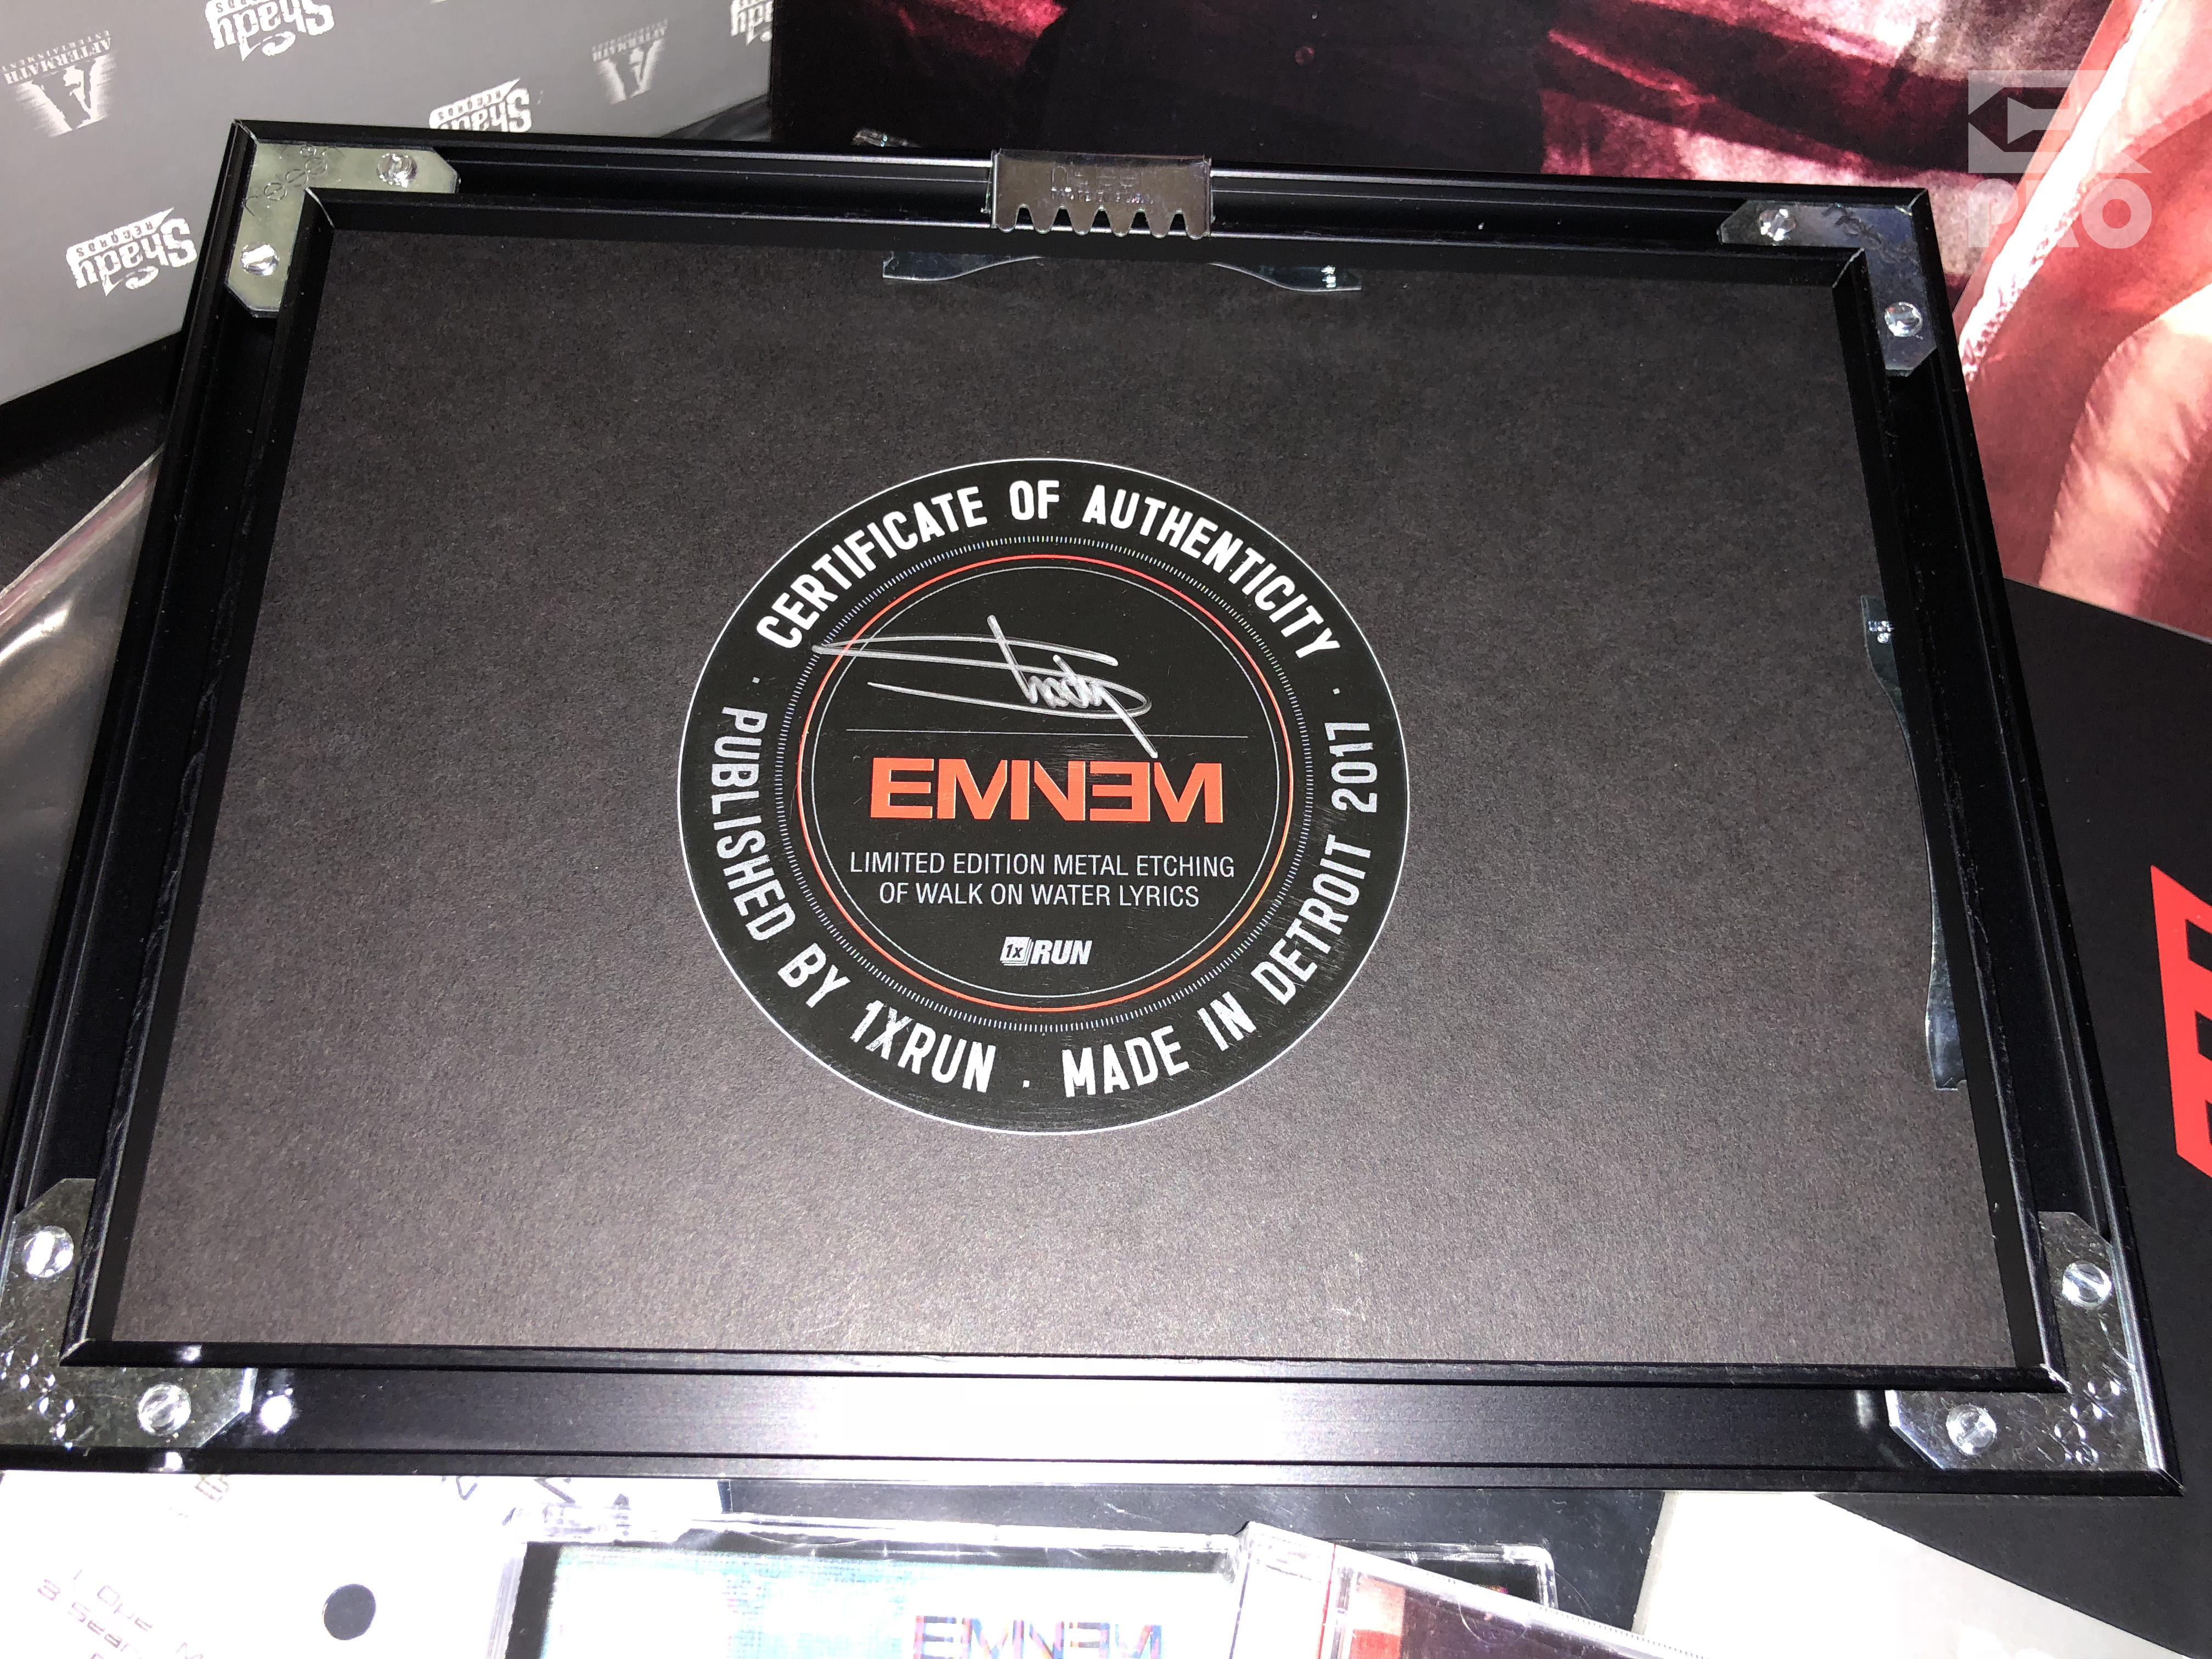 Распаковка: Эксклюзивный мерчендайз от Эминема для Stan'ов на открытие предзаказа альбома «Riveval». Eminem.Pro